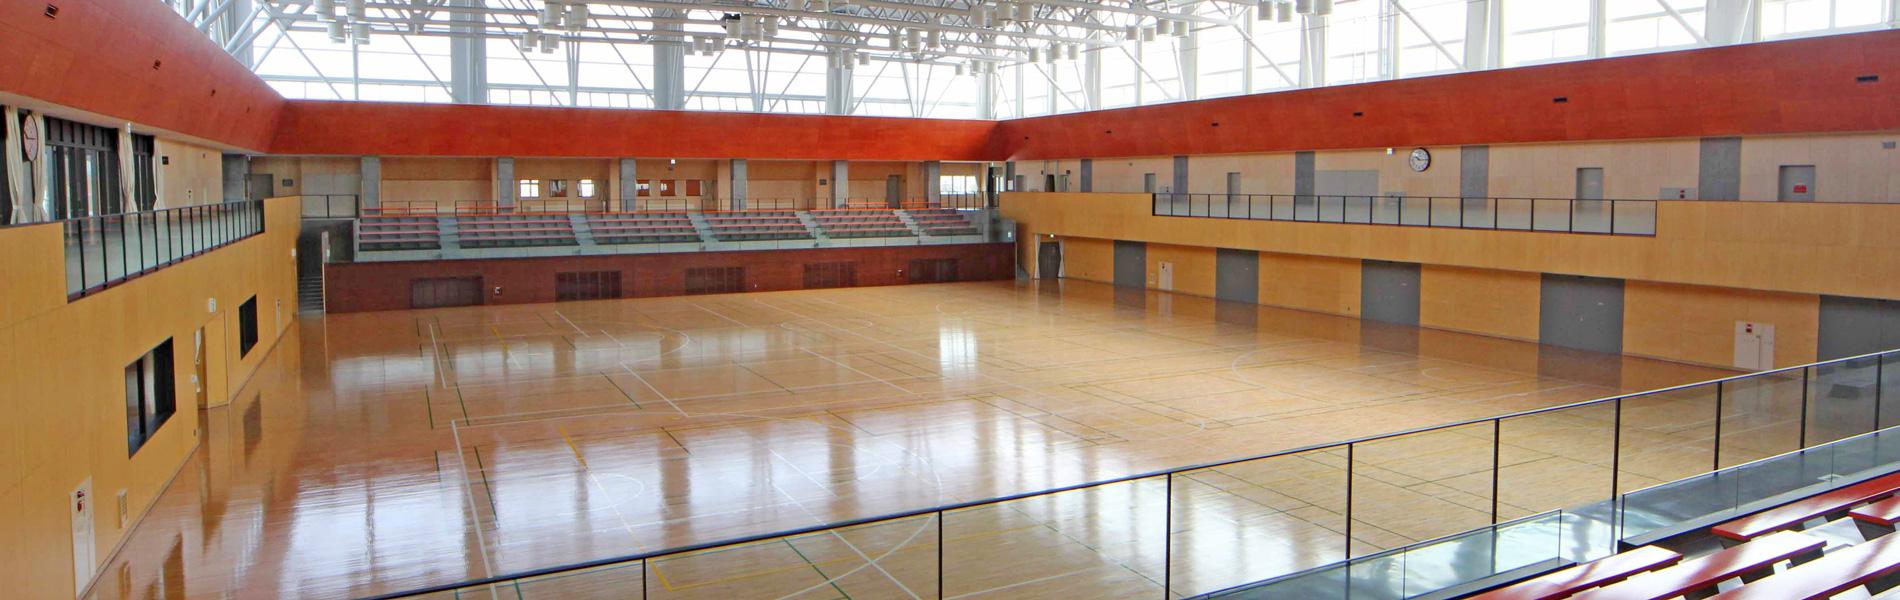 体育館メインアリーナ